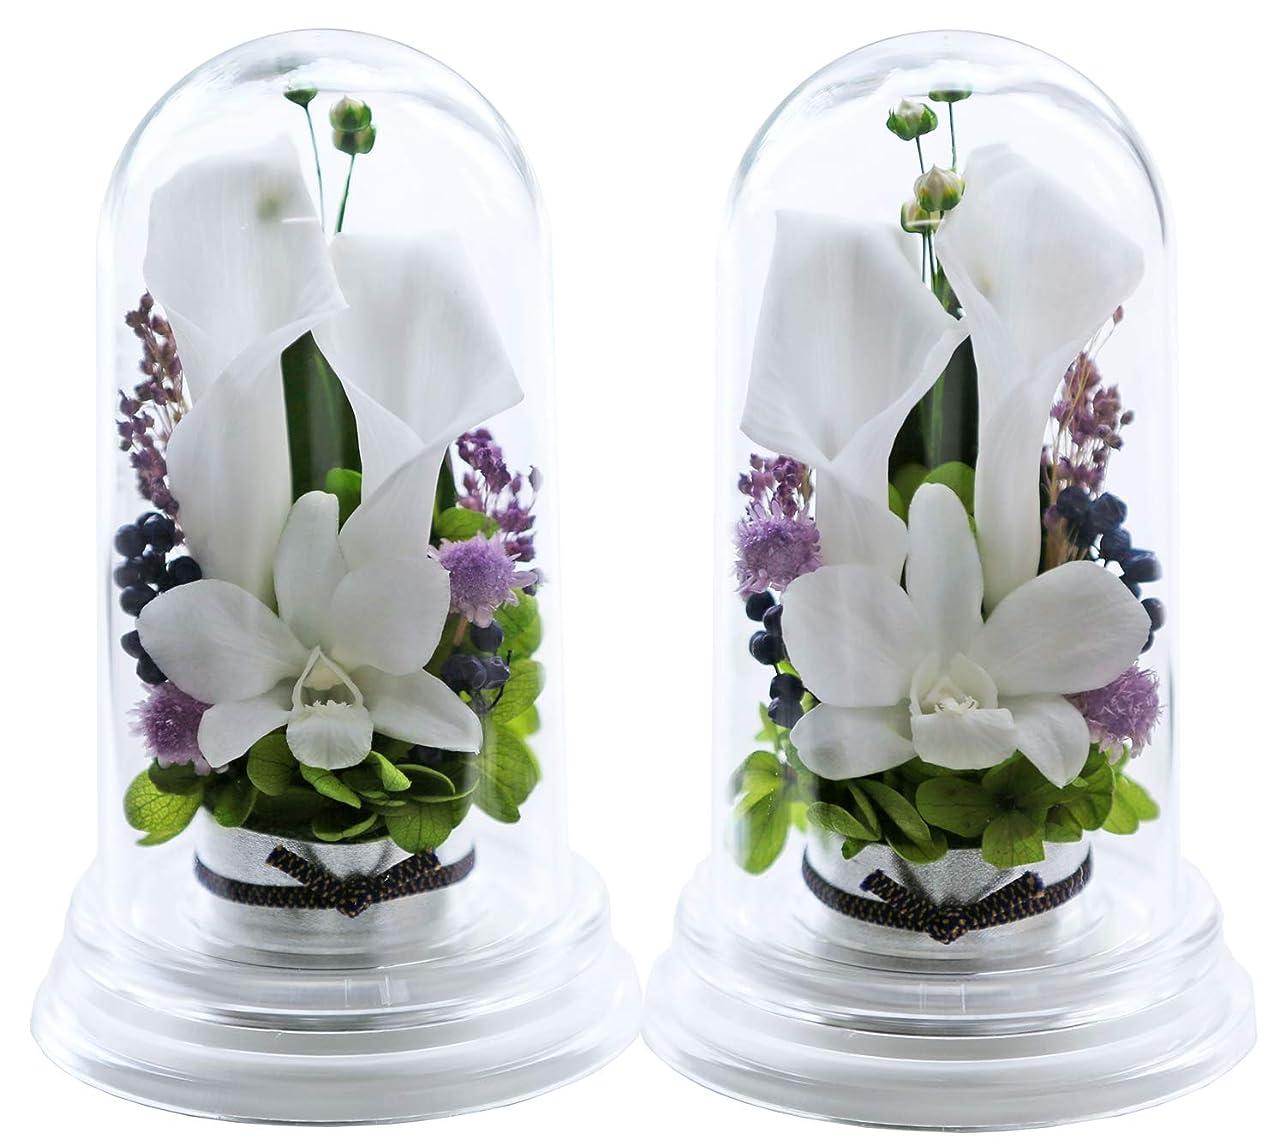 目を覚ます協力的保護アートフォーシーズン ミニお供え花カラー 対デザインSET ホワイト